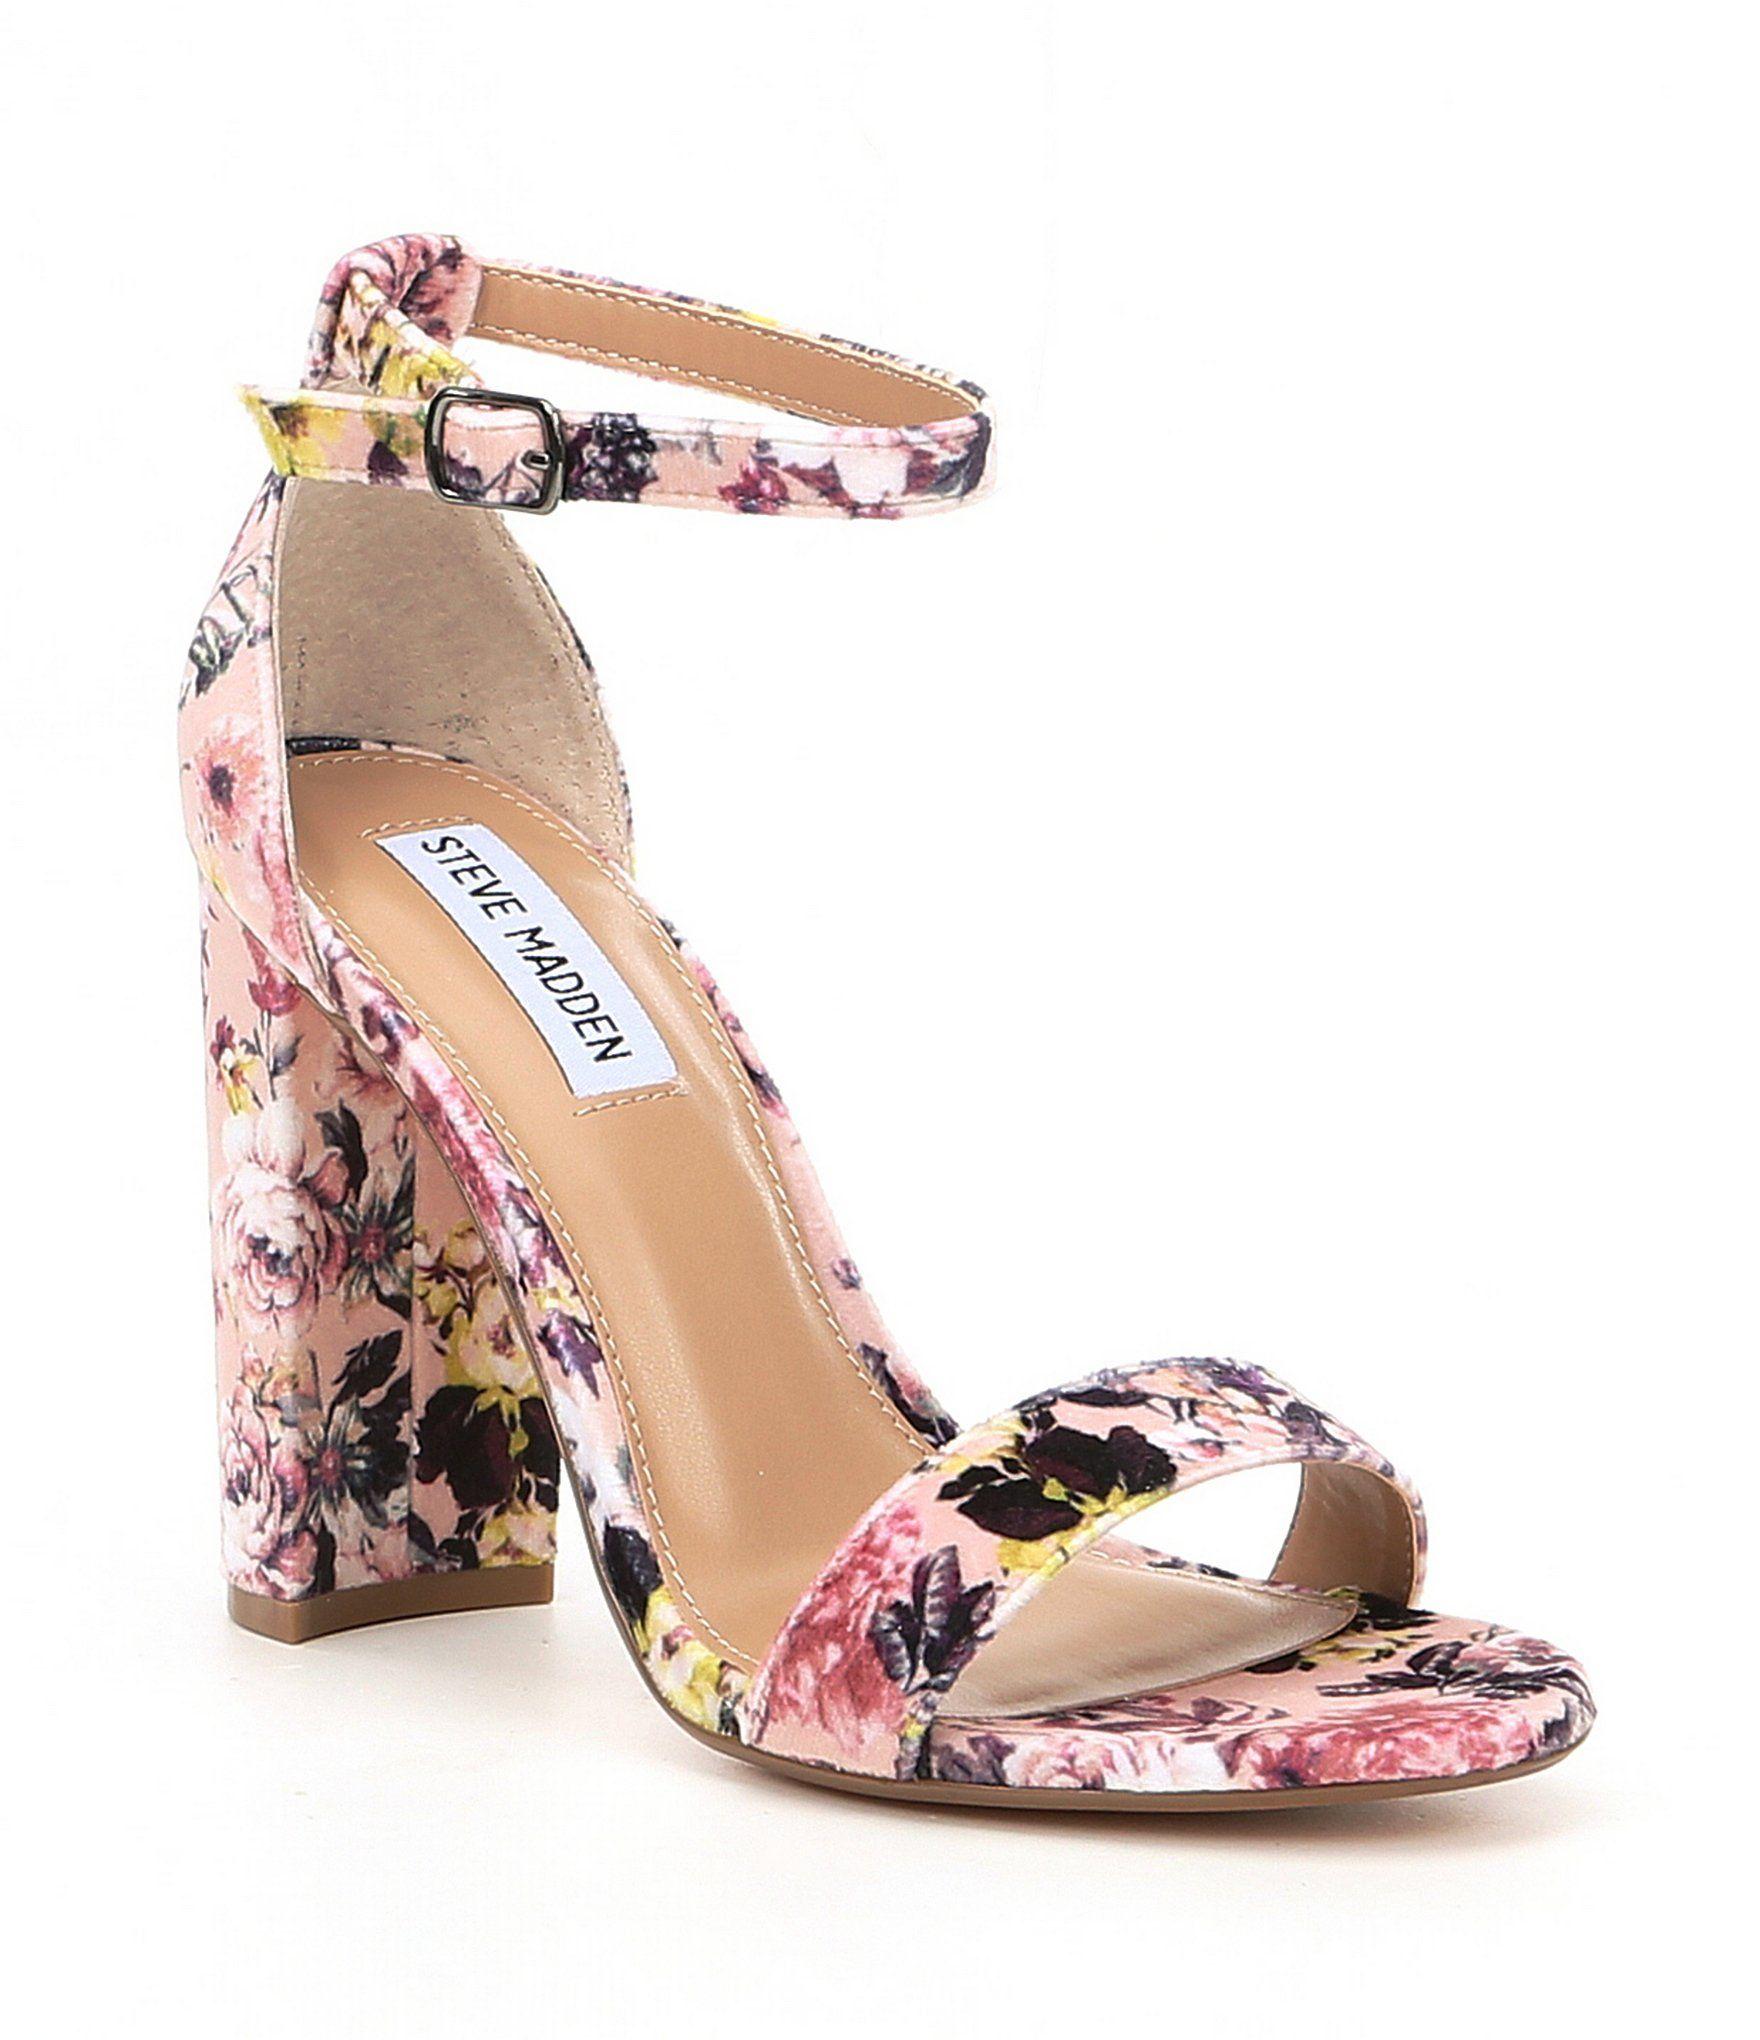 fb04e827833 Shop for Steve Madden Carrson Floral Velvet Ankle Strap Block Heel Dress  Sandals at Dillards.com. Visit Dillards.com to find clothing